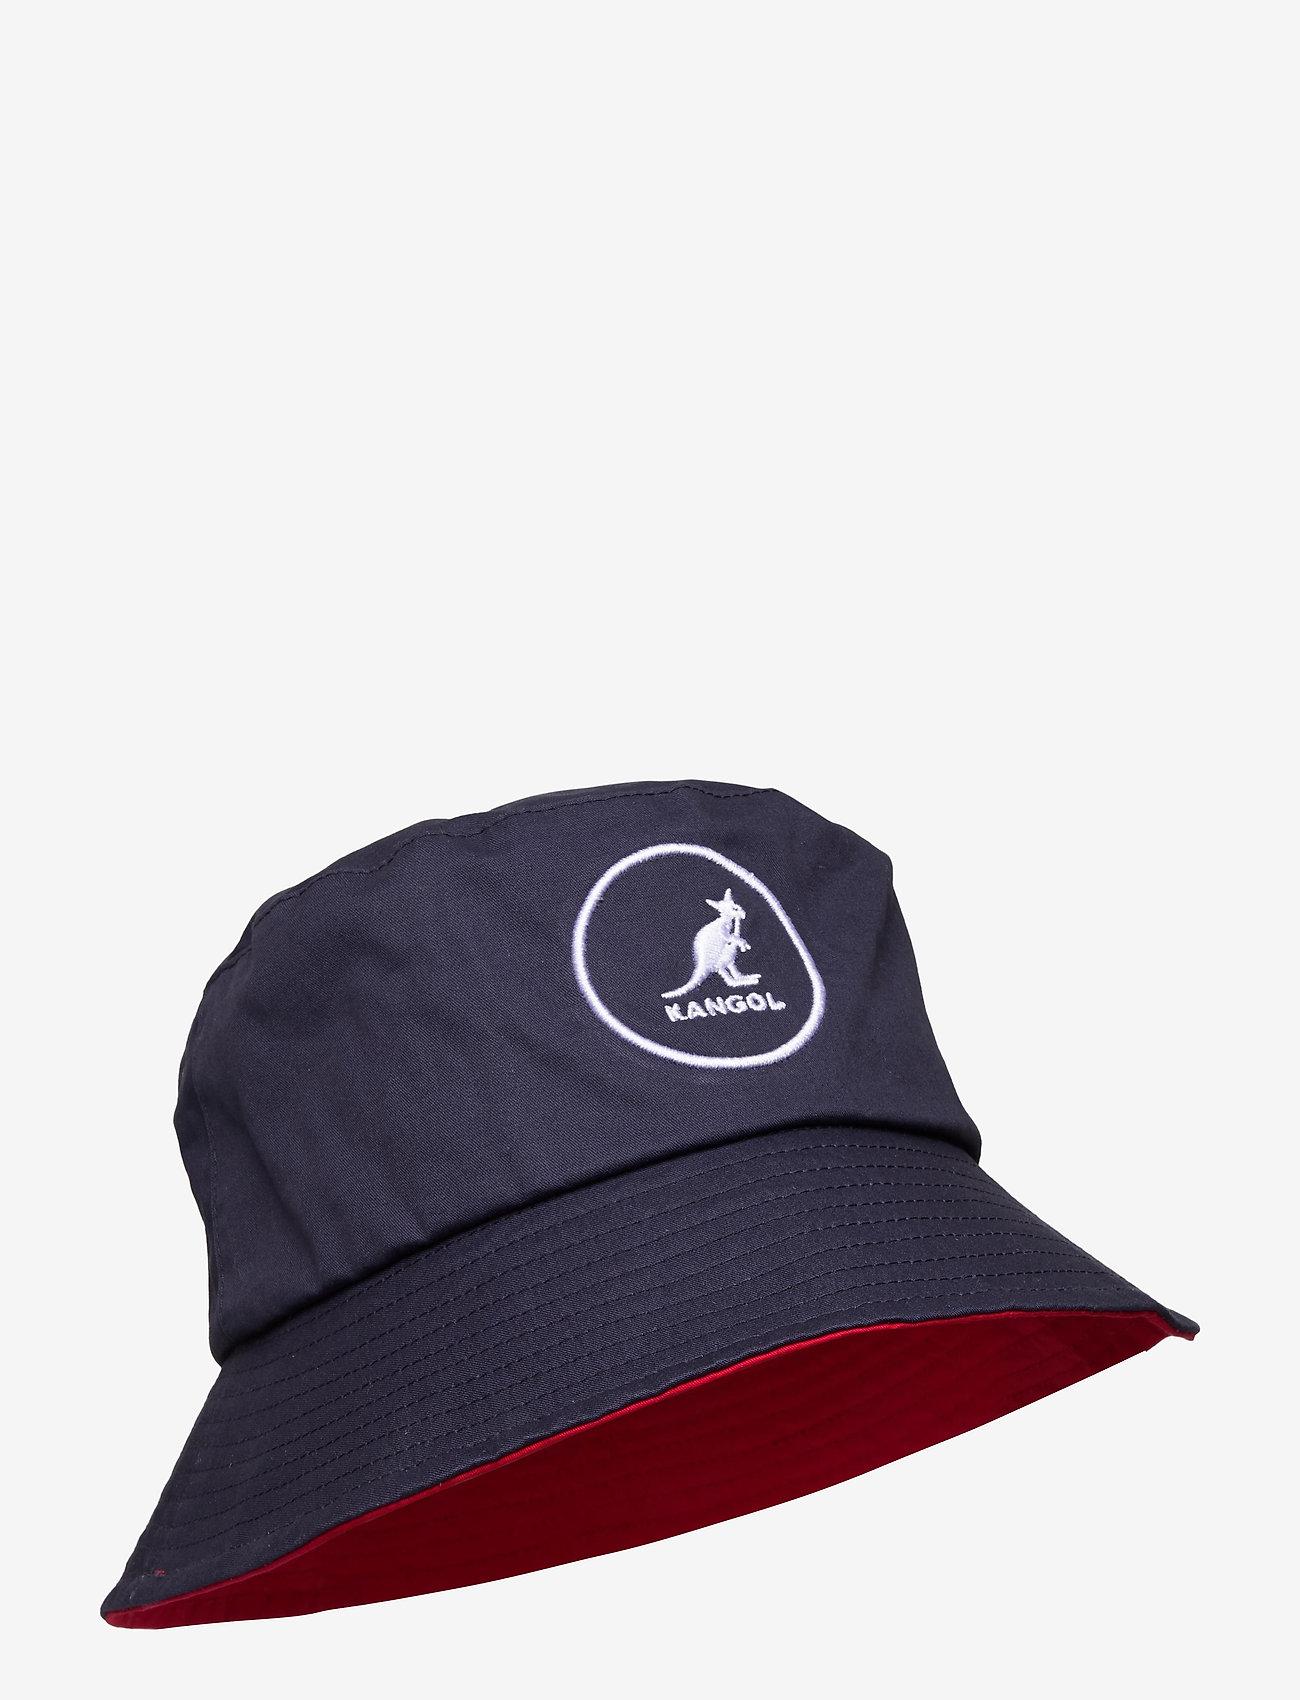 Kangol - KG COTTON BUCKET - bucket hats - navy - 0